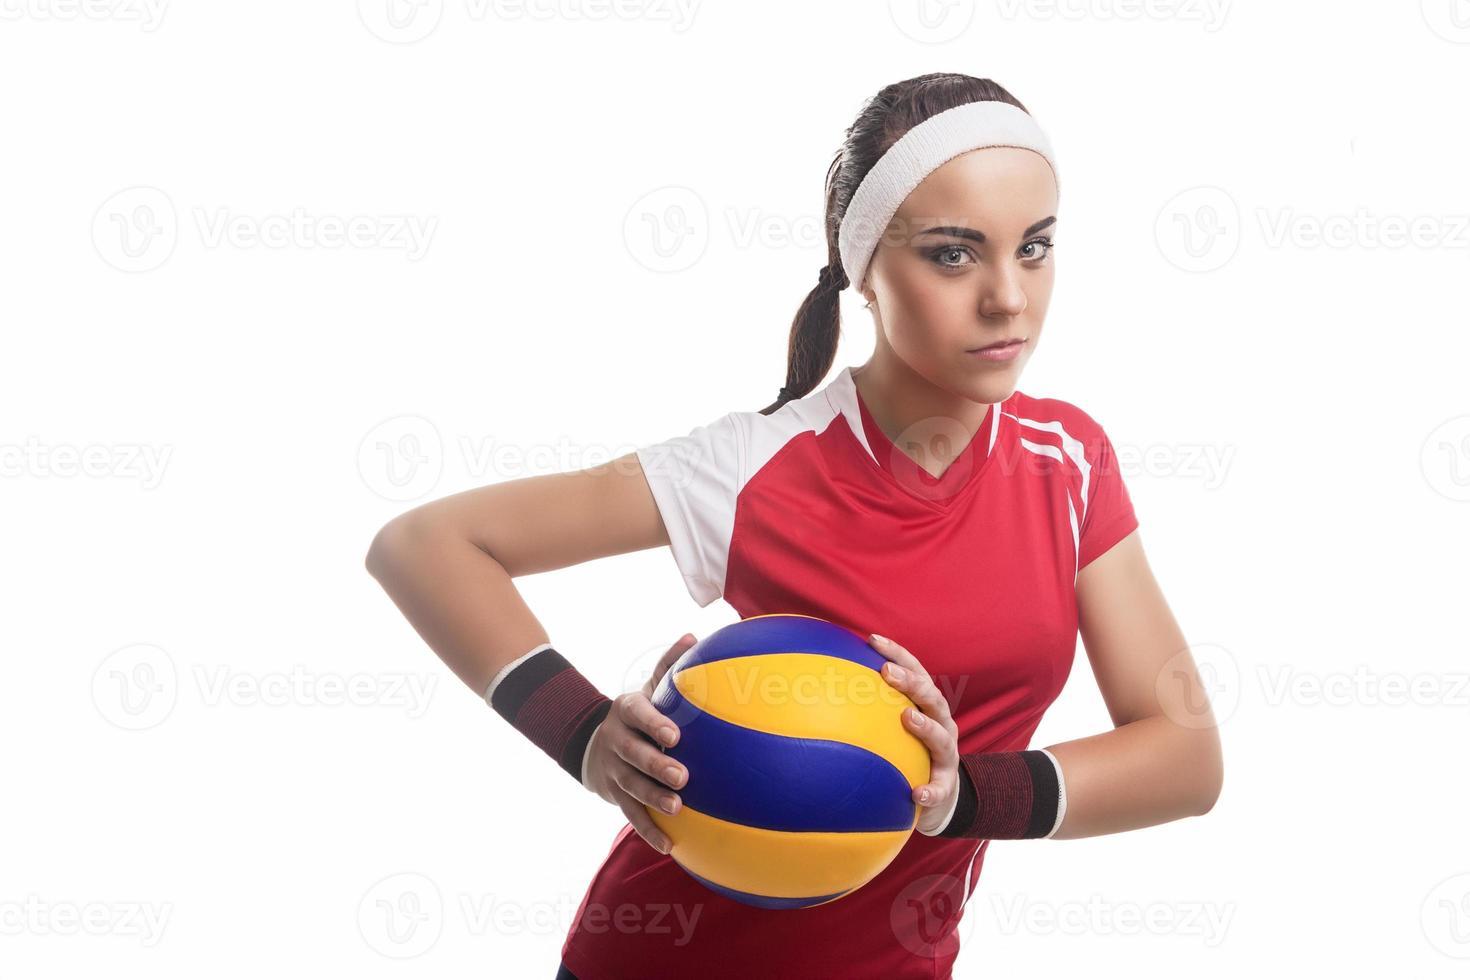 giocatore di pallavolo femminile professionale caucasico volitivo equipaggiato in attrezzatura di pallavolo foto